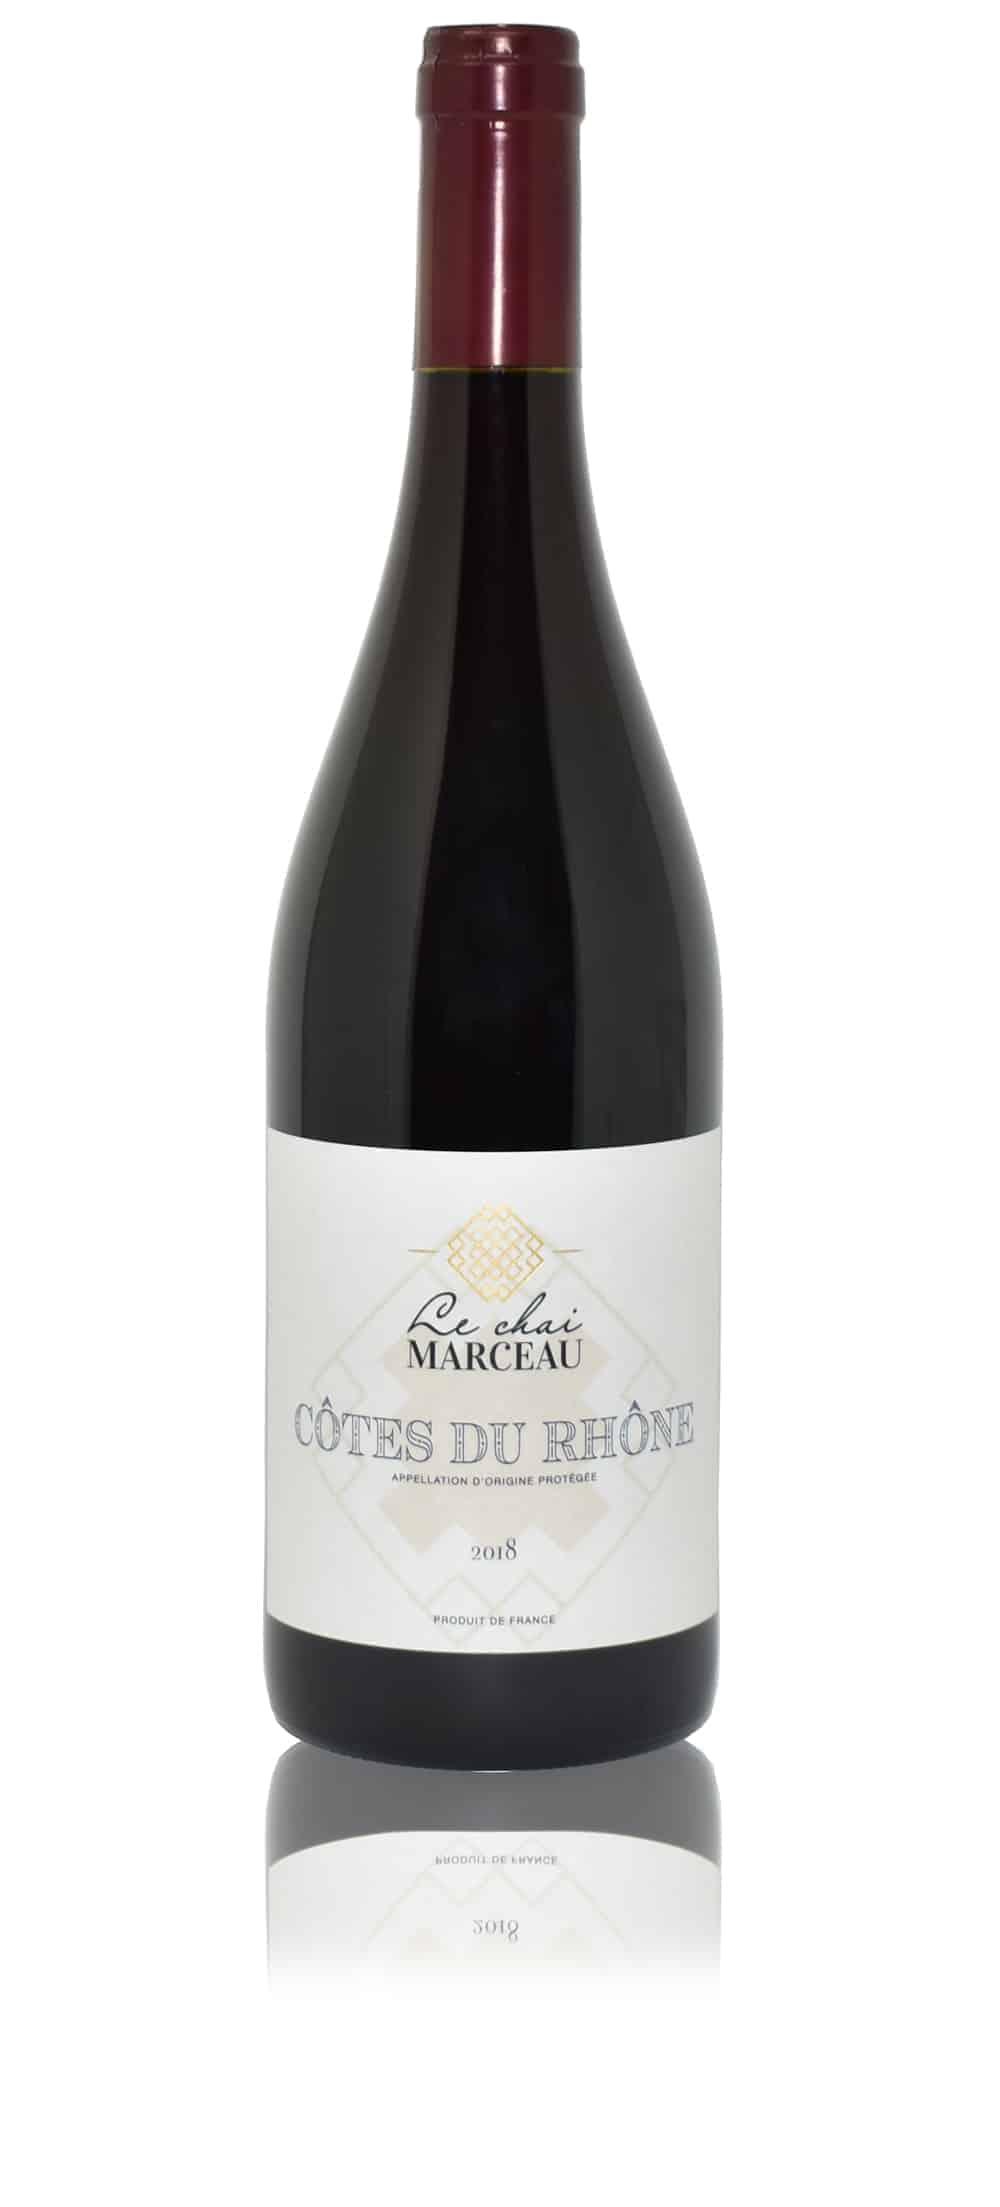 A bottle of Le Chai Marceau Côtes du Rhône wine